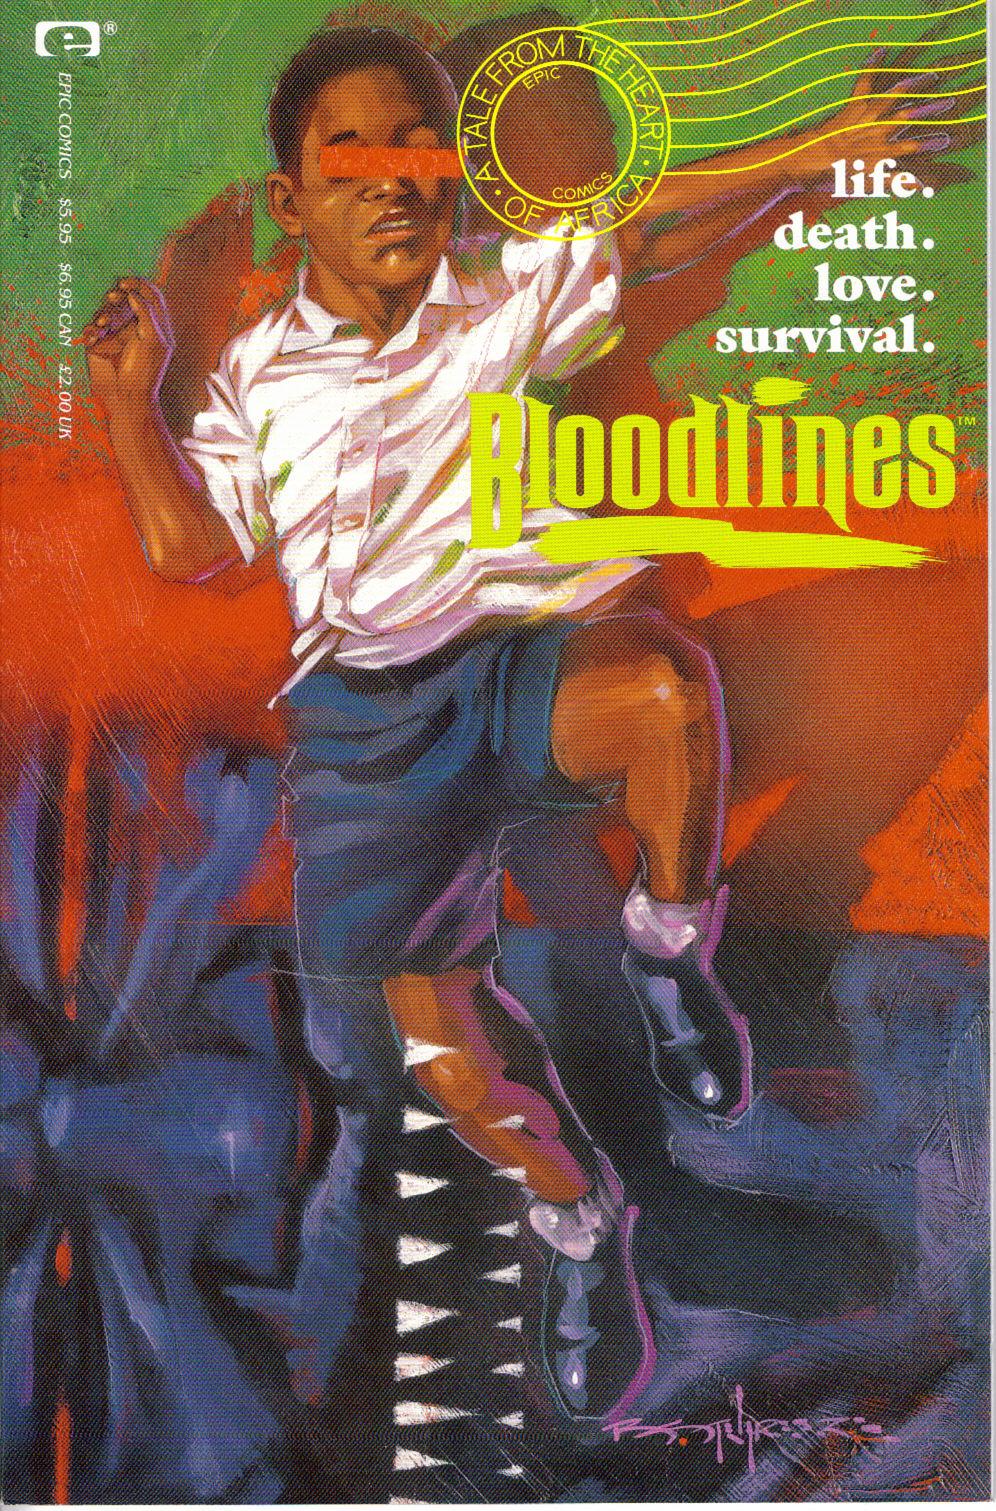 [Bloodlines+]